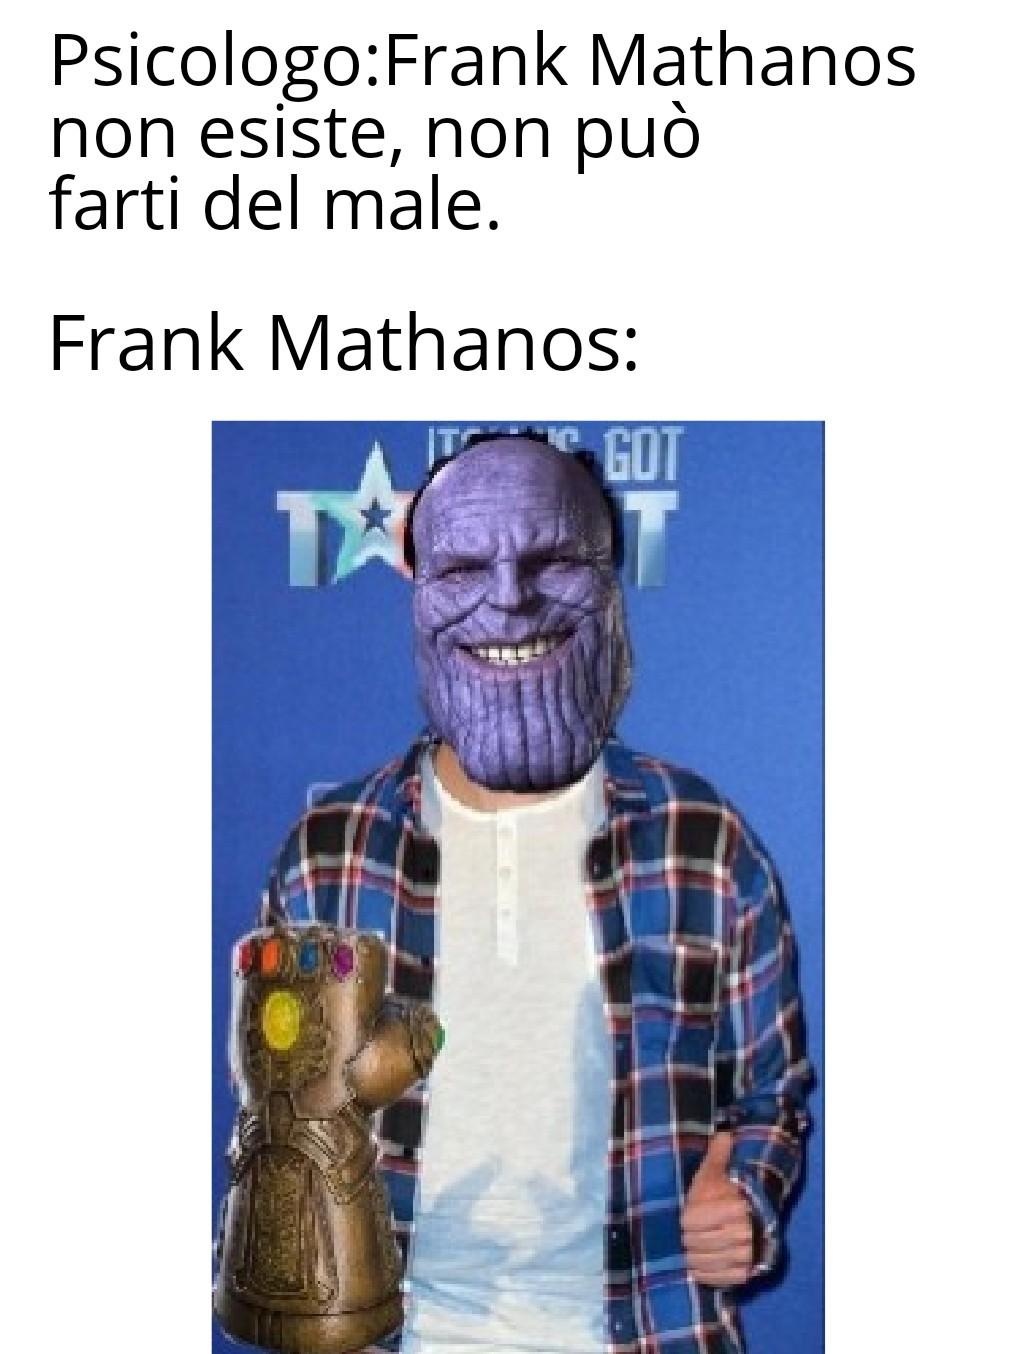 Spero vi piaccia come primo meme(se volete farò un sequel)